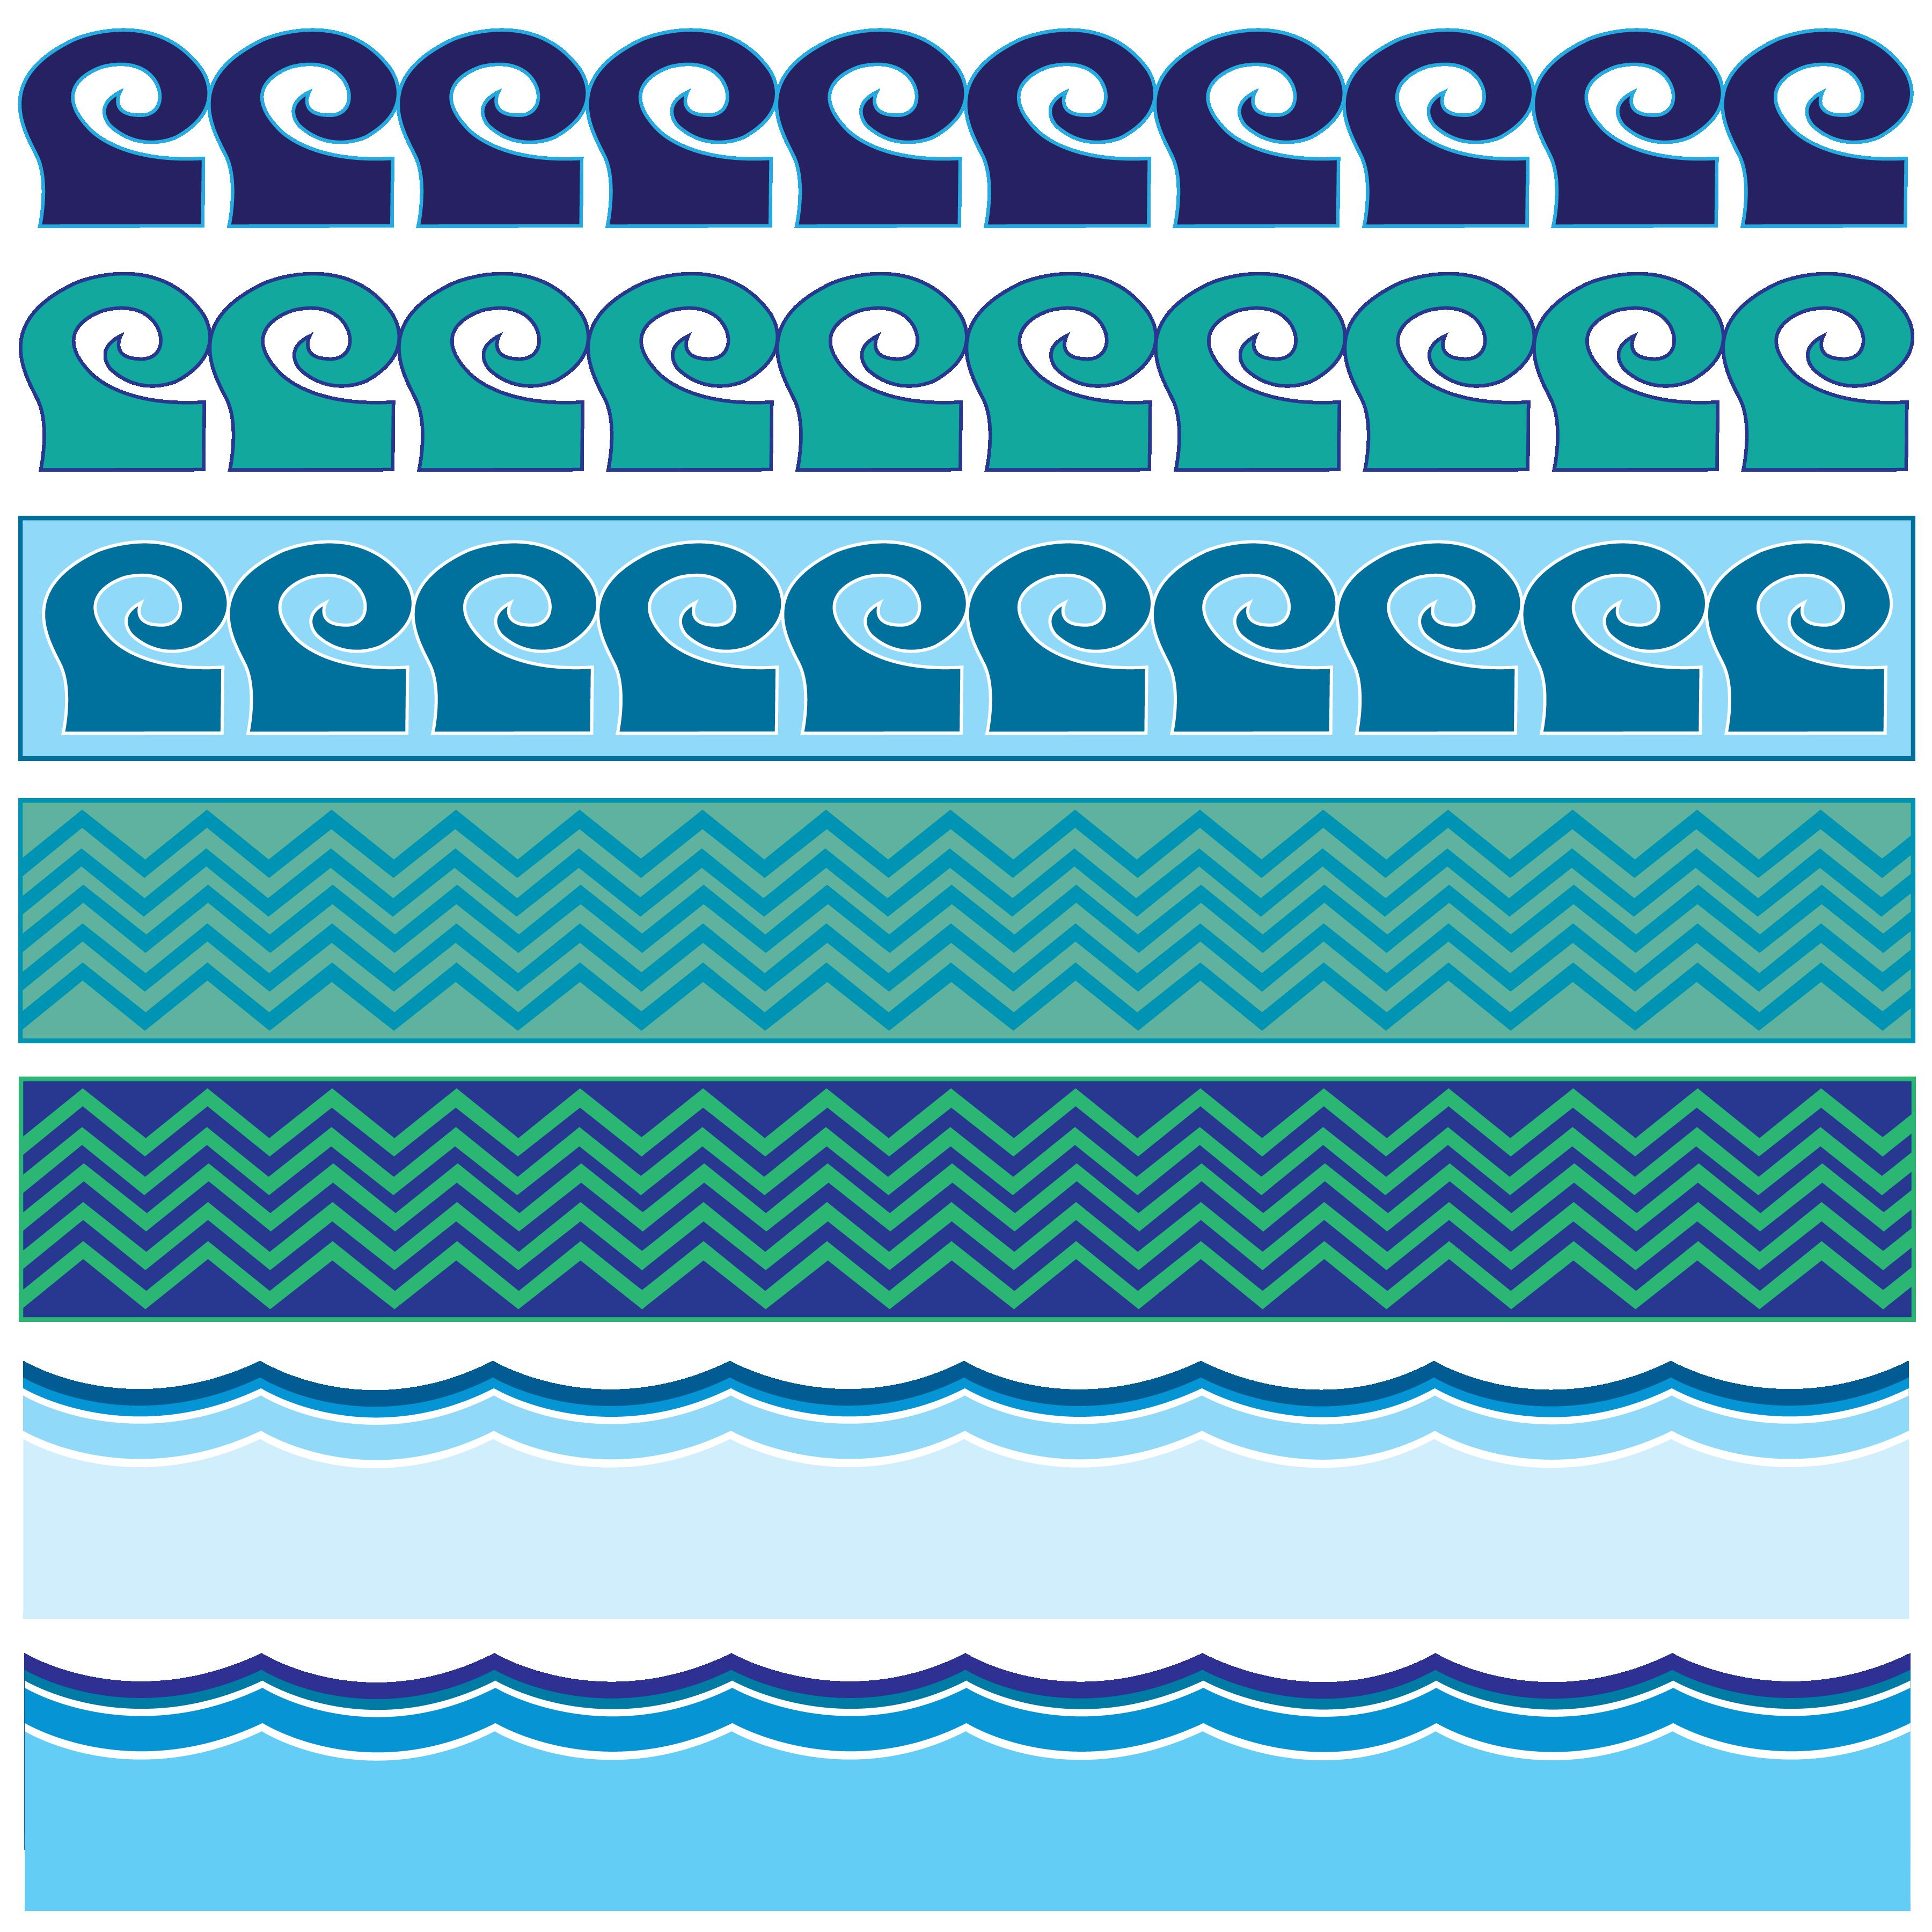 Waves clipart aqua. Water border sea ocean